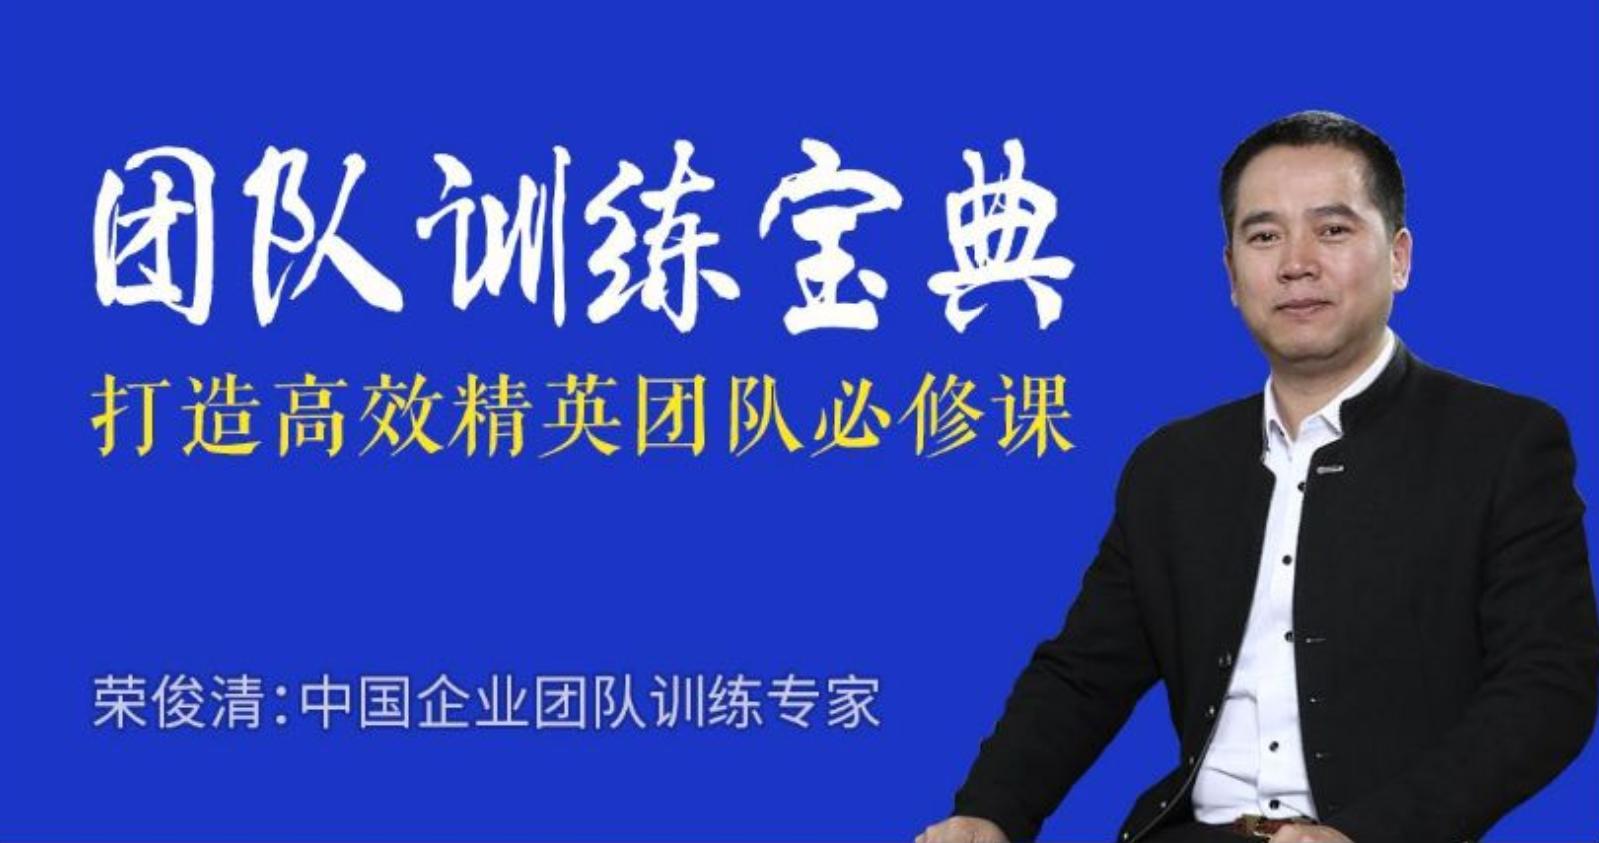 荣俊清企业团队训练宝典